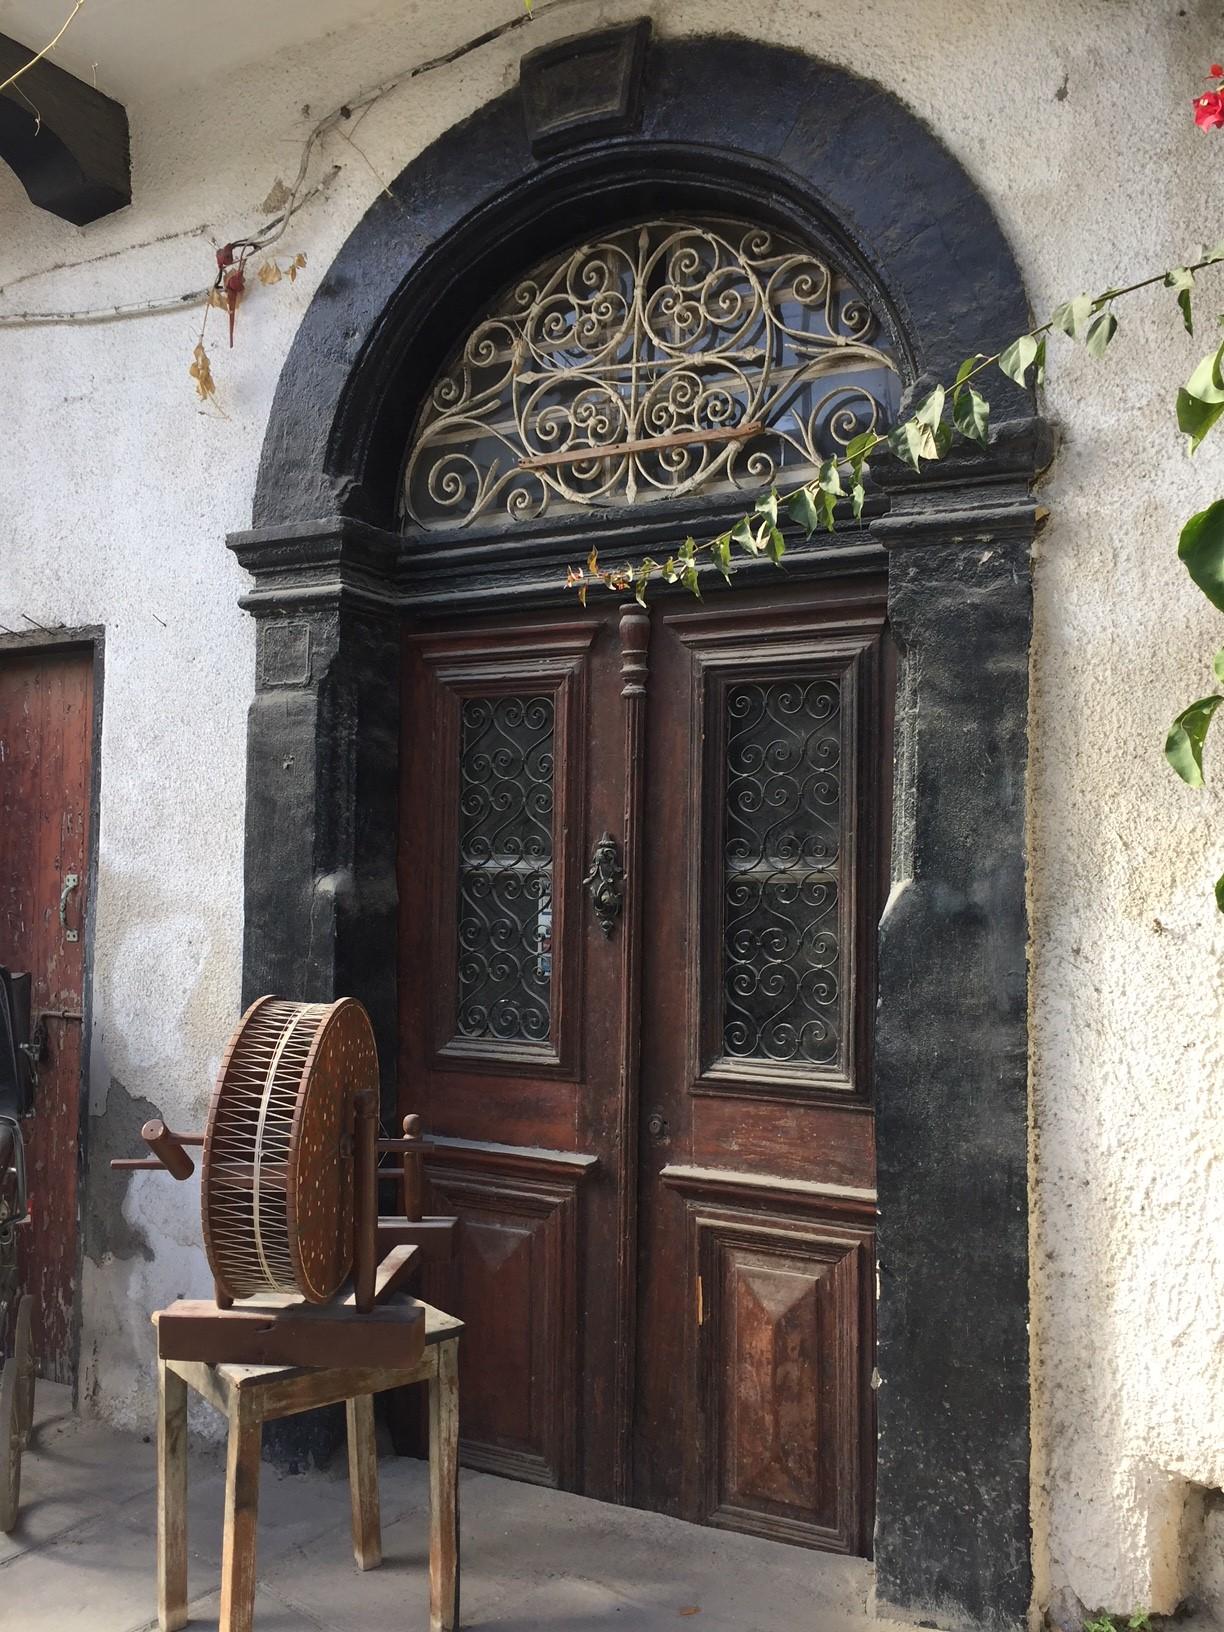 02 PIC OF OLD DOOR